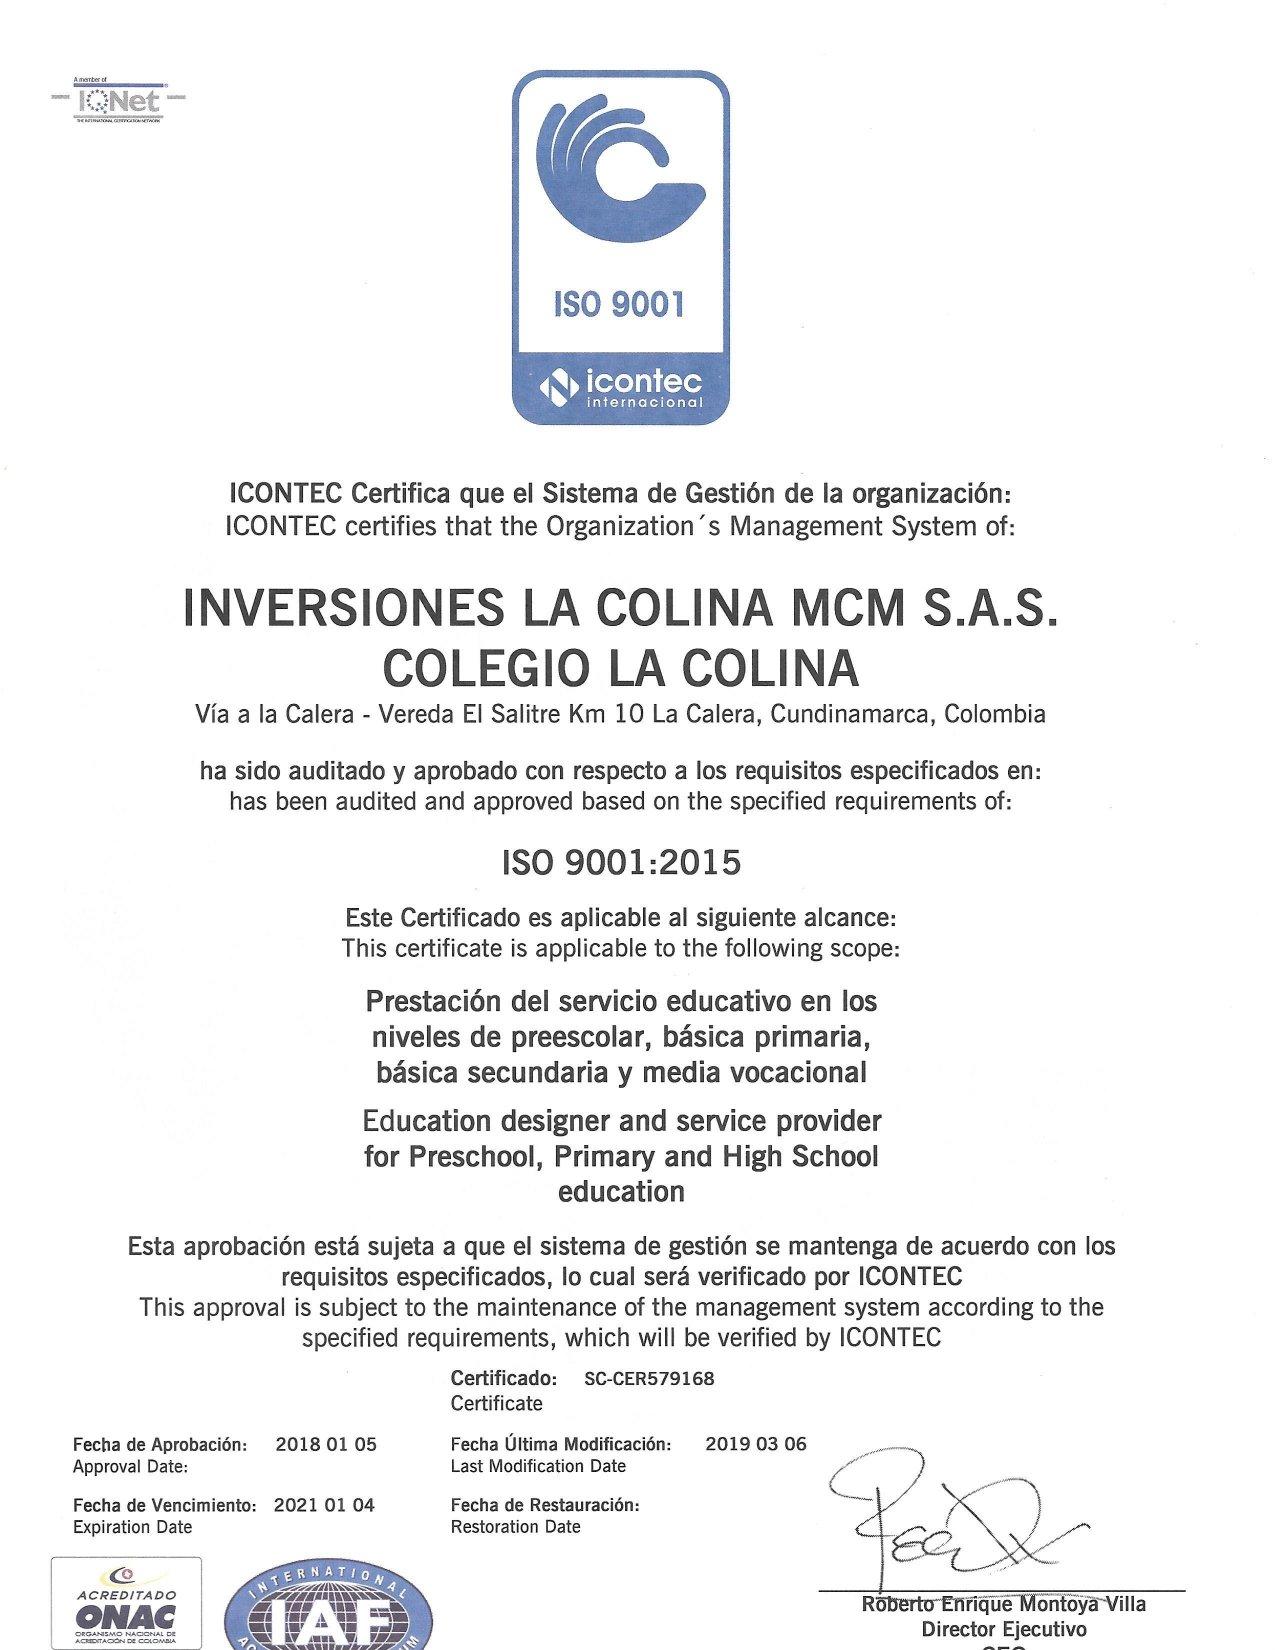 Certificación de Calidad del Colegio La Colina